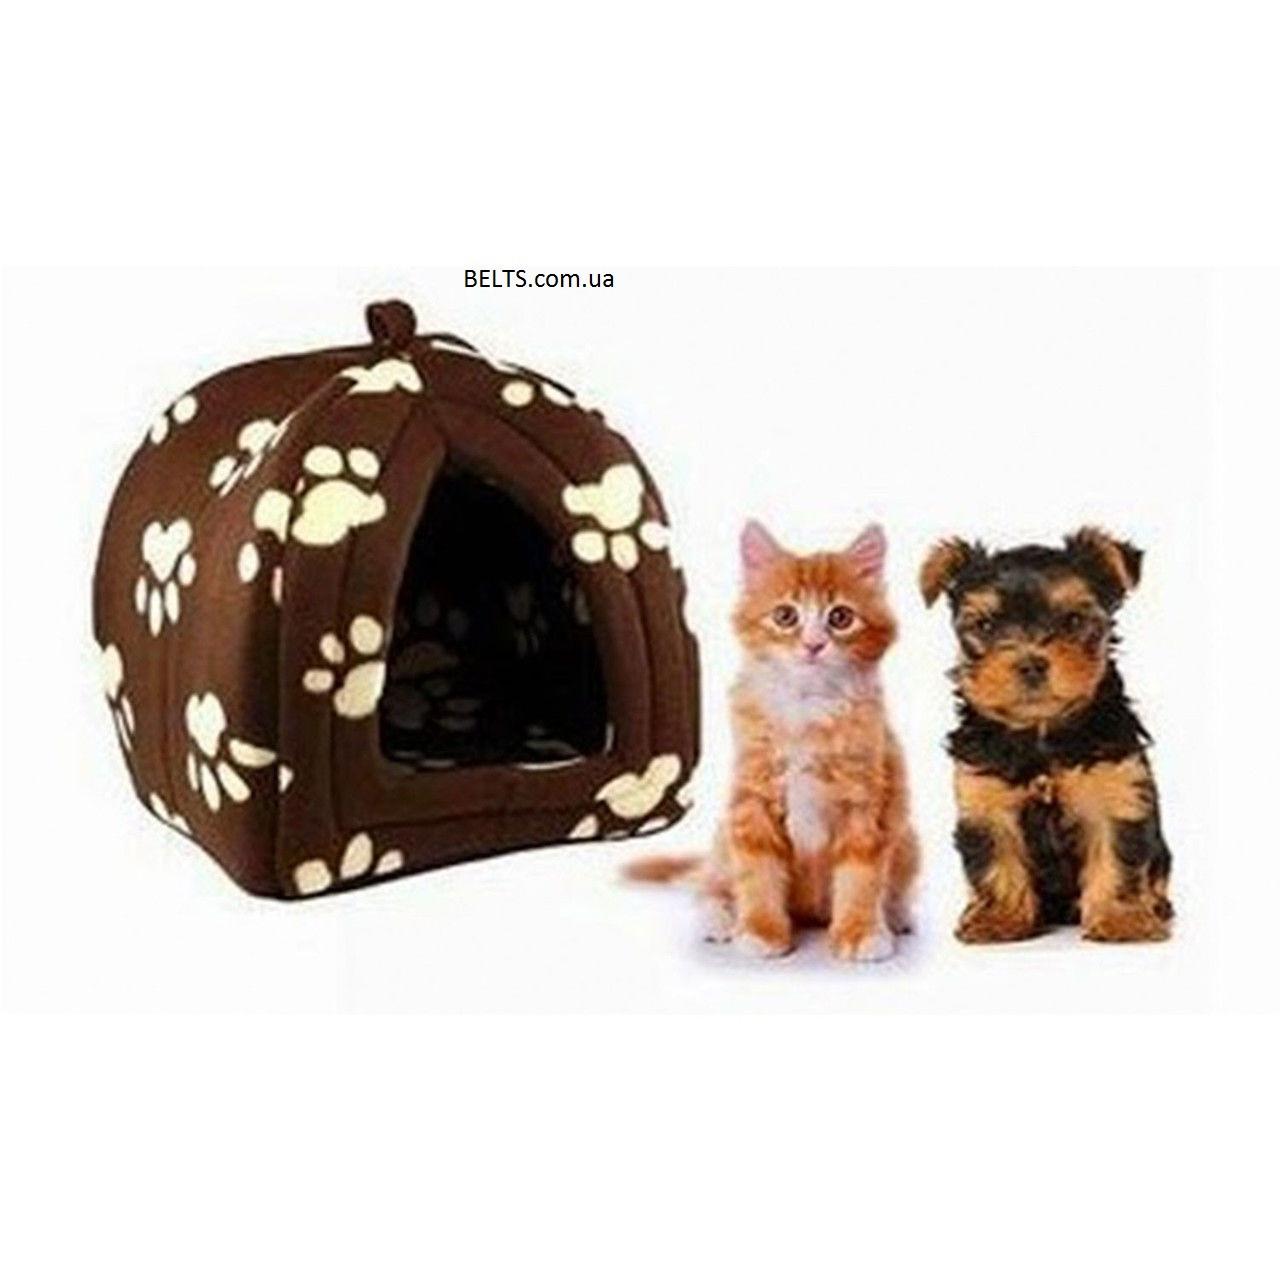 Комфортное место для домашнего питомца Pet Hut (домик, лежак для собак и кошек Пет Хат)